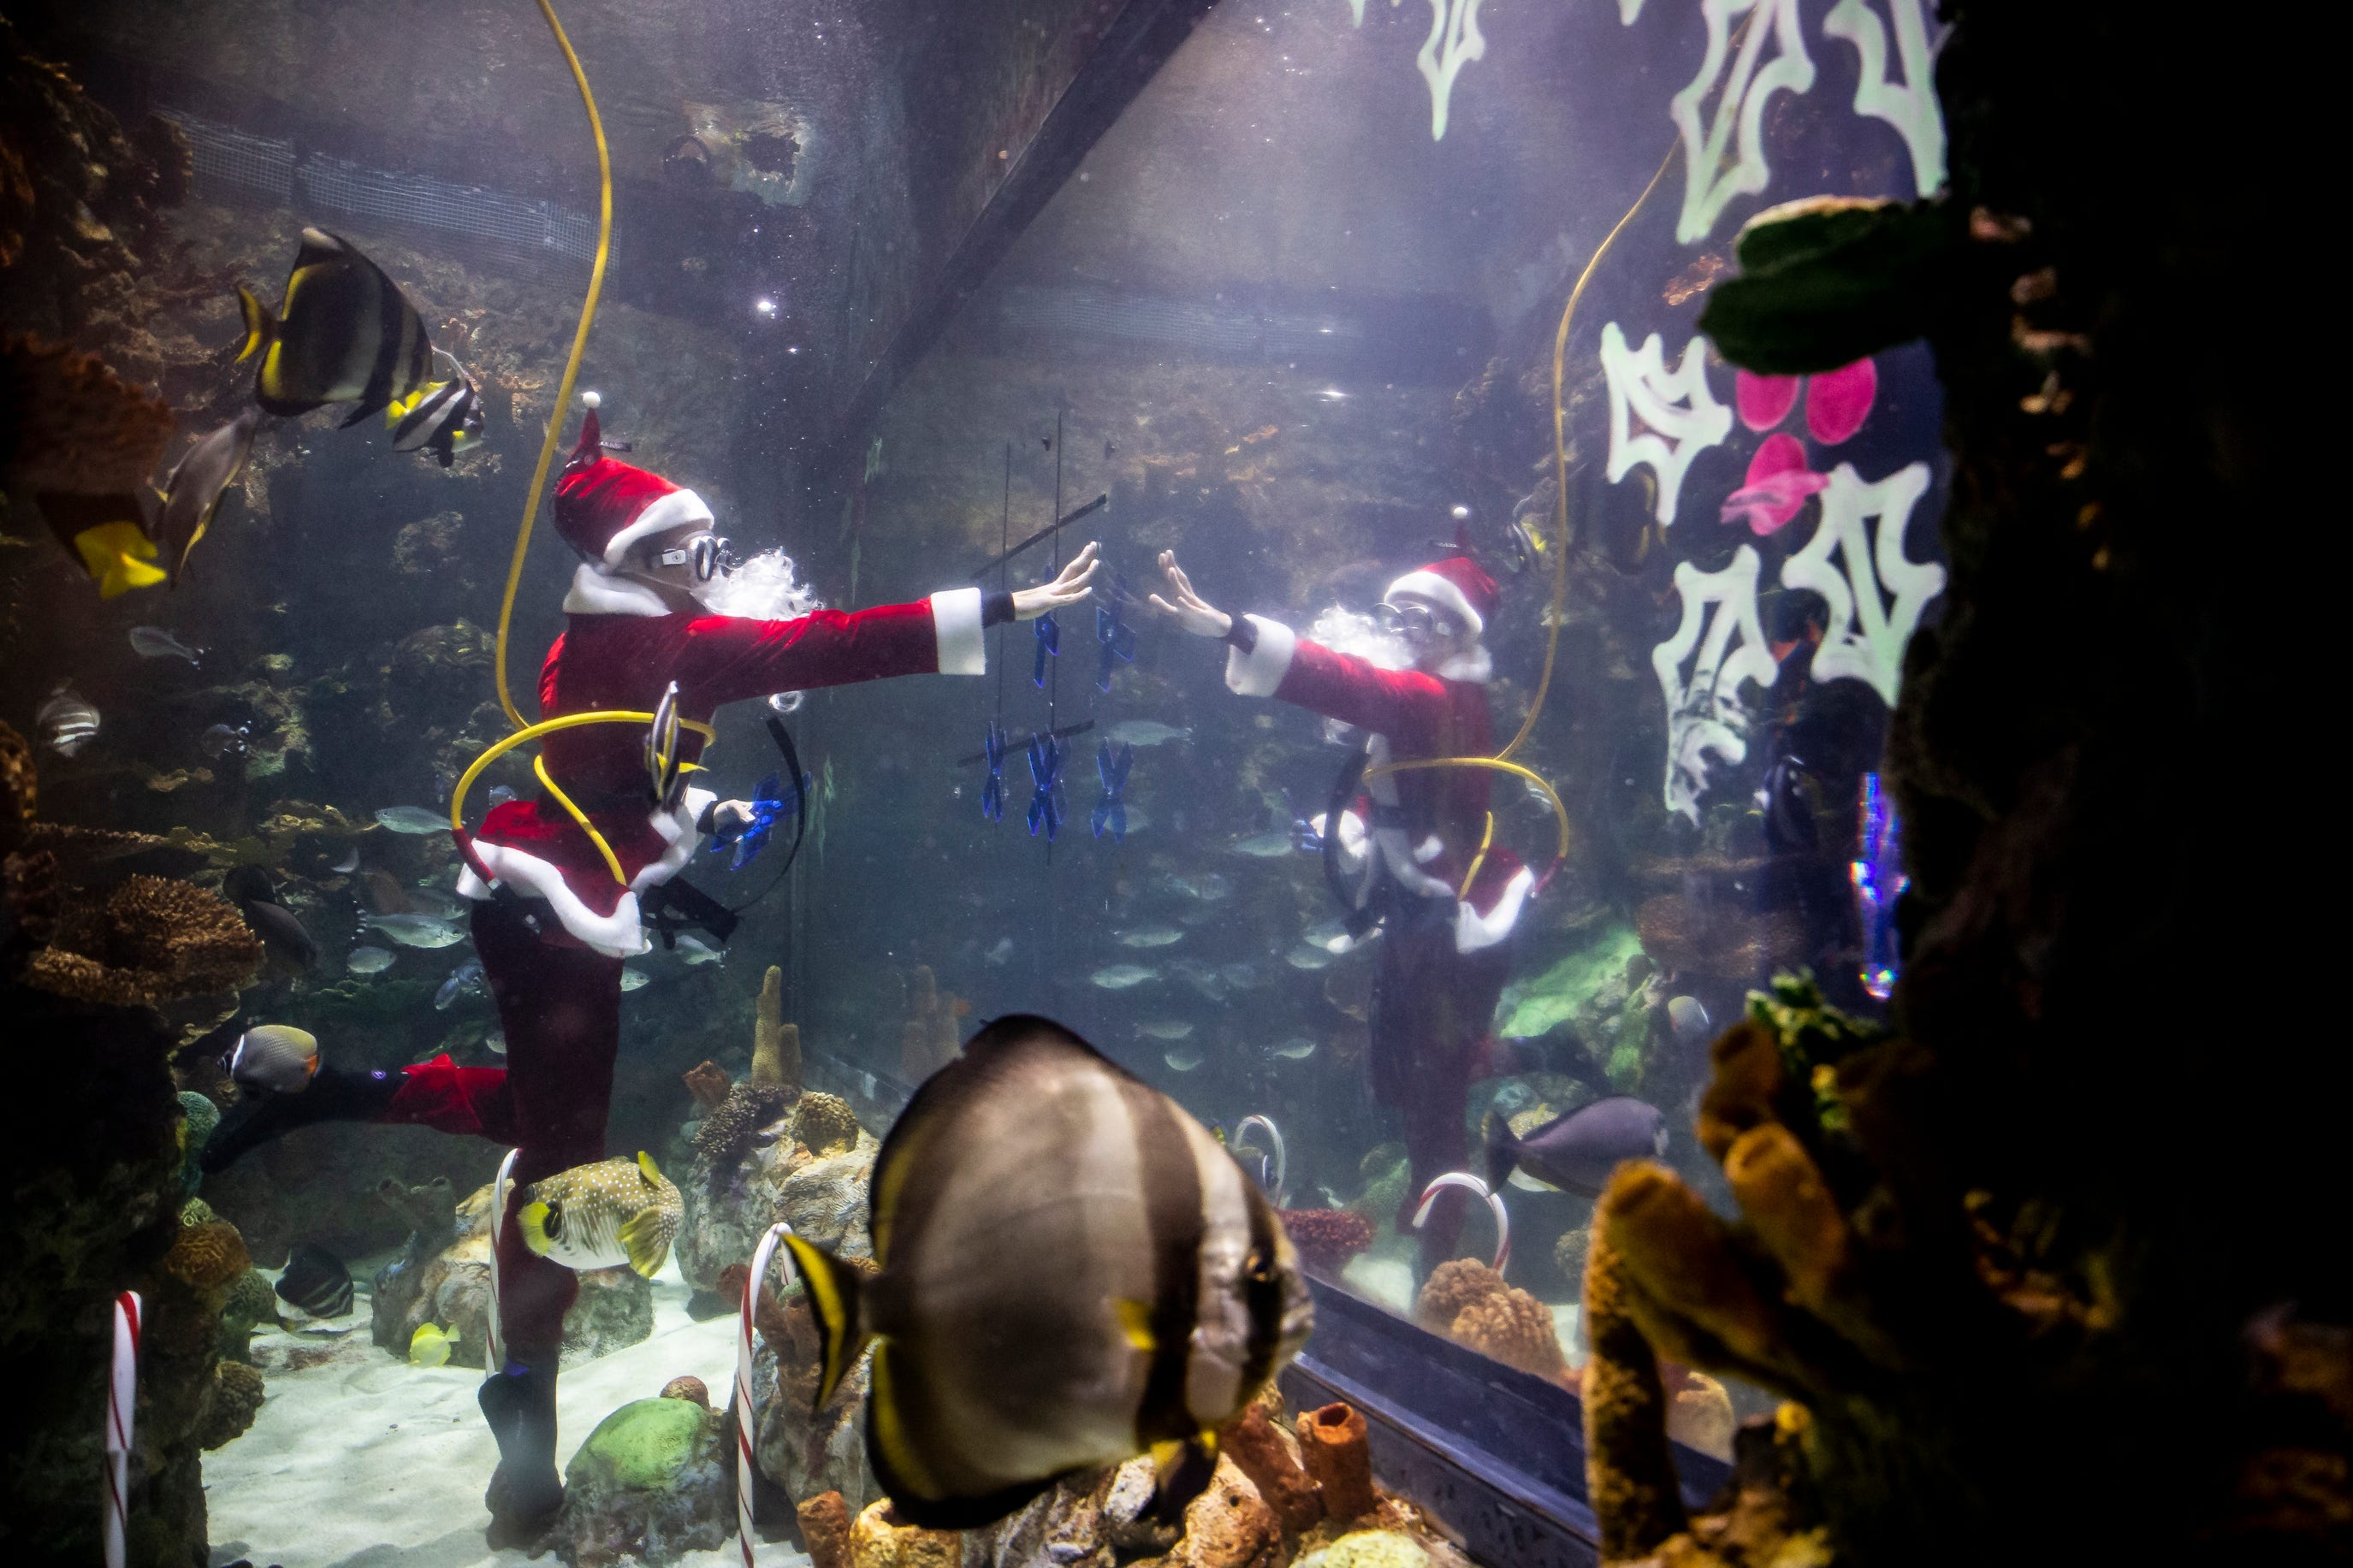 Photos: Santa goes Scuba diving at Blank Park Zoo